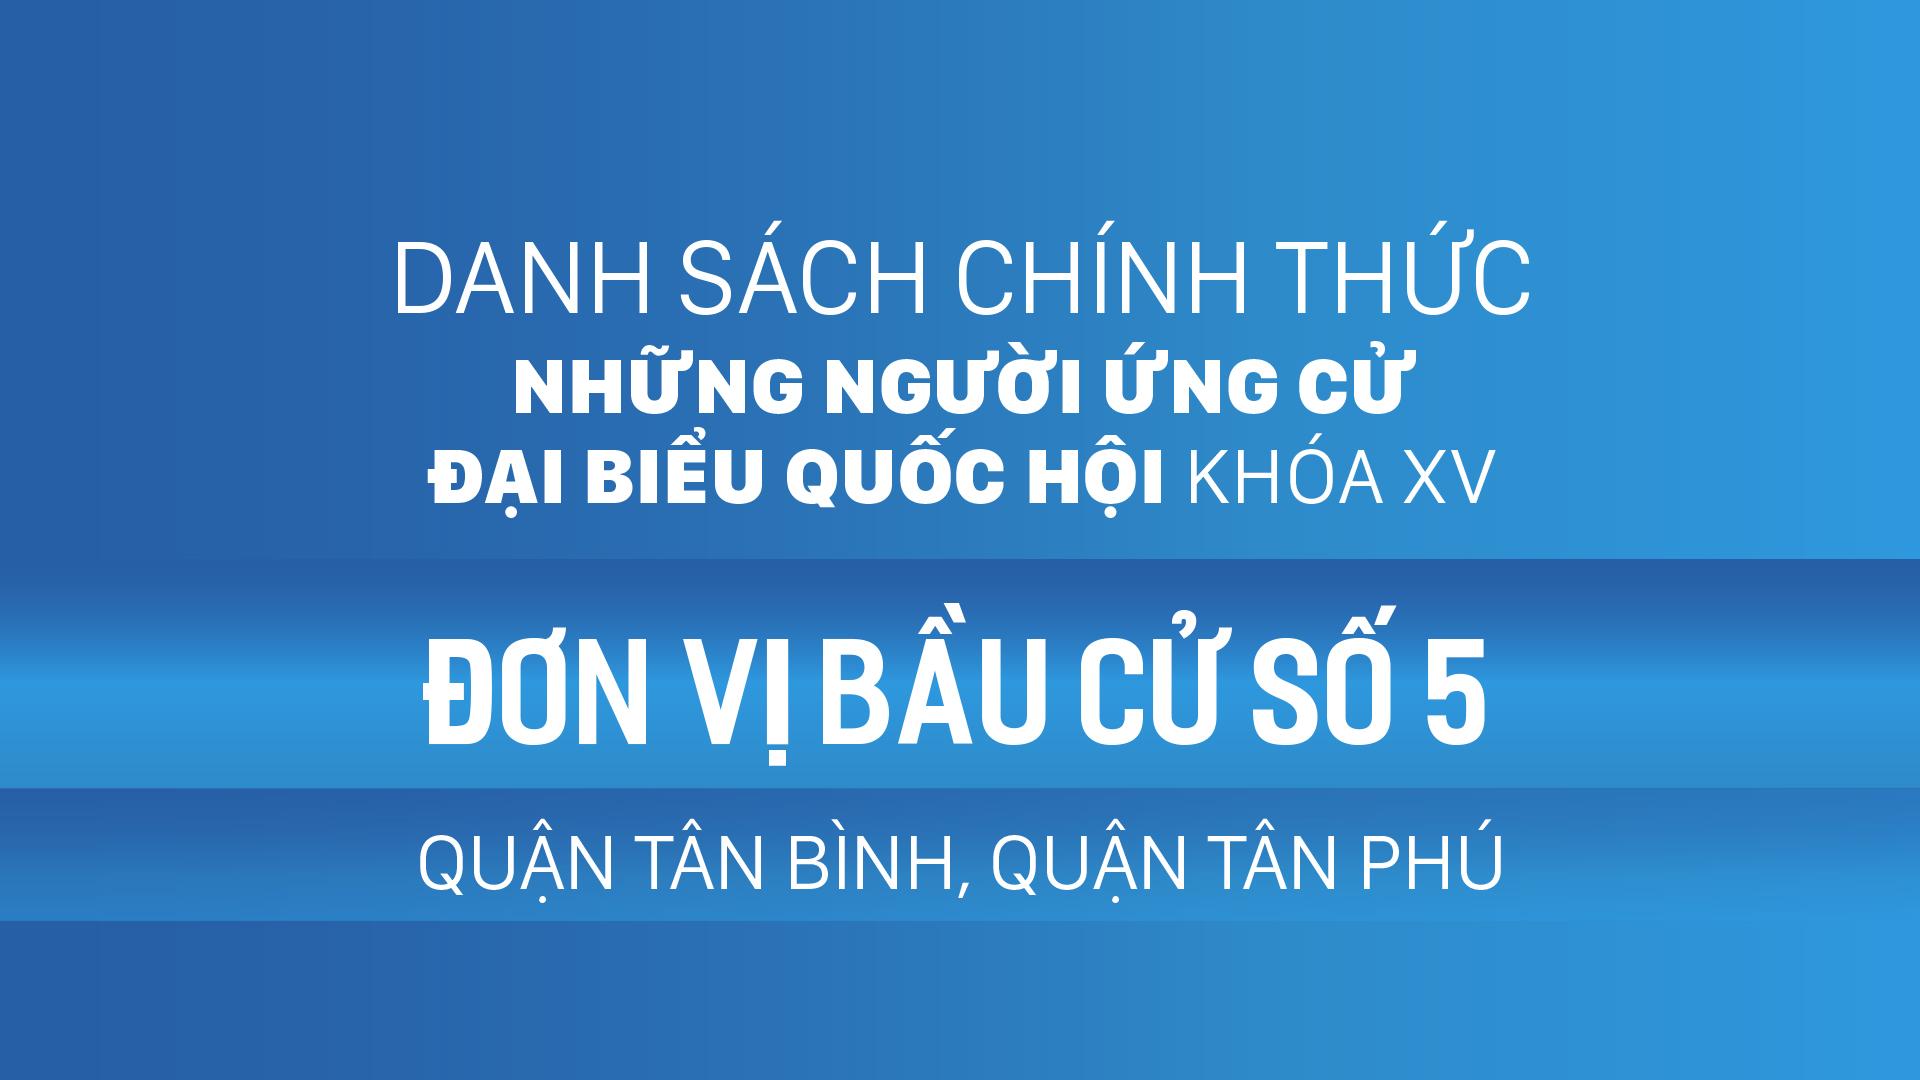 Đơn vị bầu cử số 5 (quận Tân Bình, quận Tân Phú)